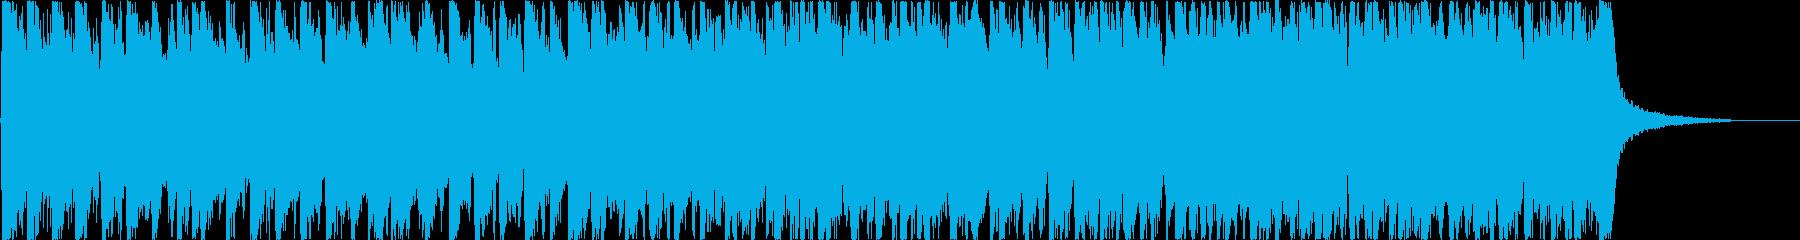 躍動感あるポップスメロディの再生済みの波形